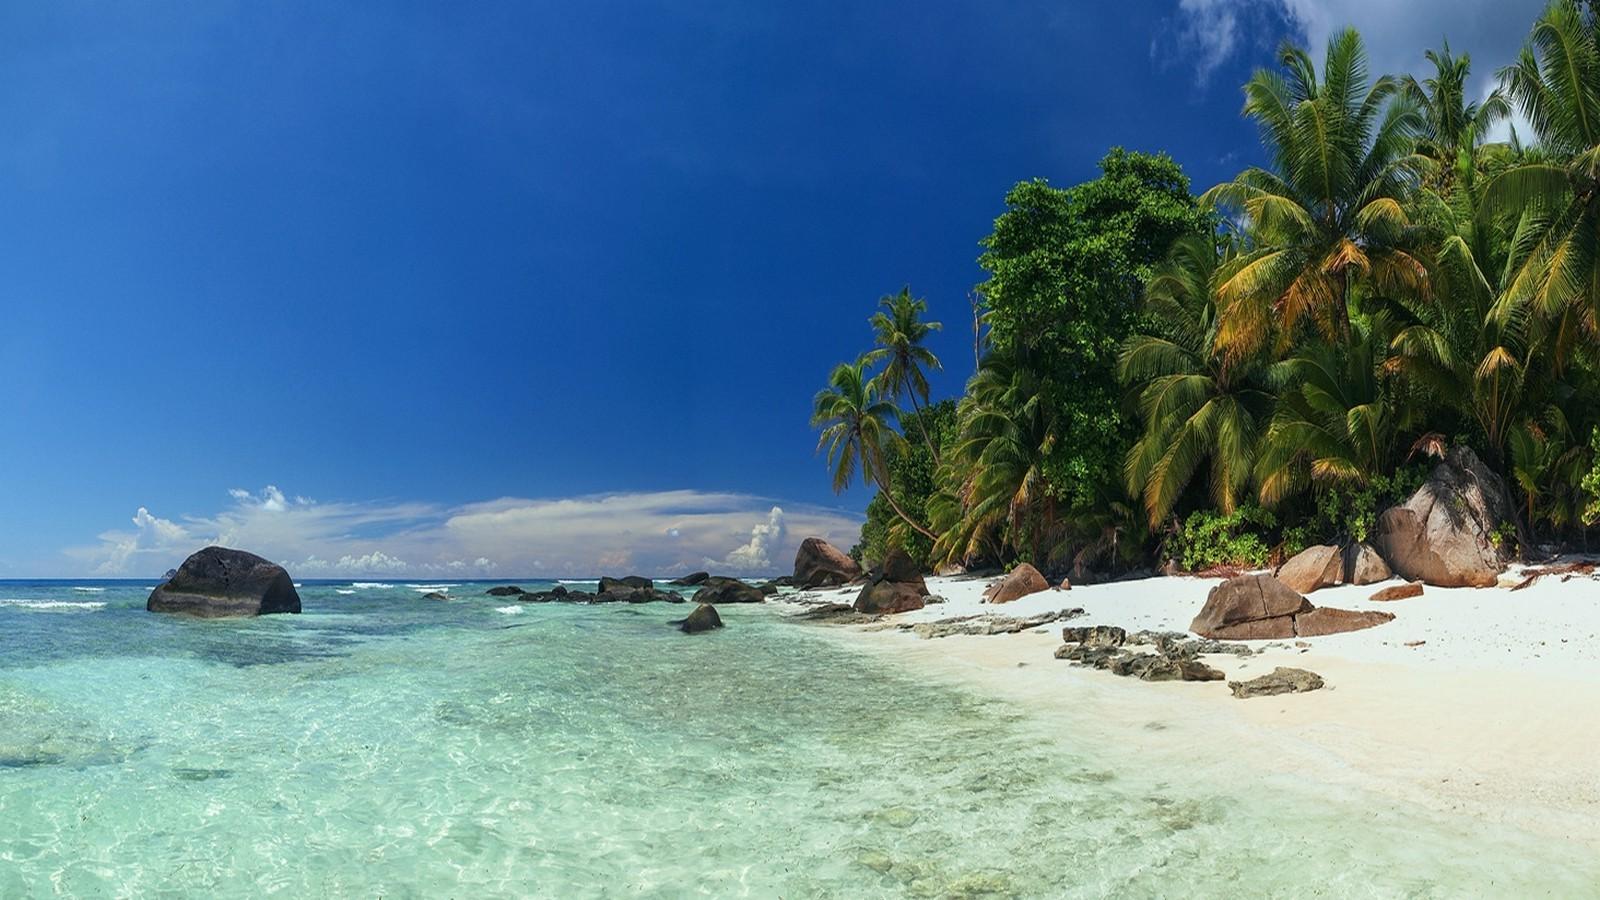 фото сейшельских островов на рабочий стол уверяю